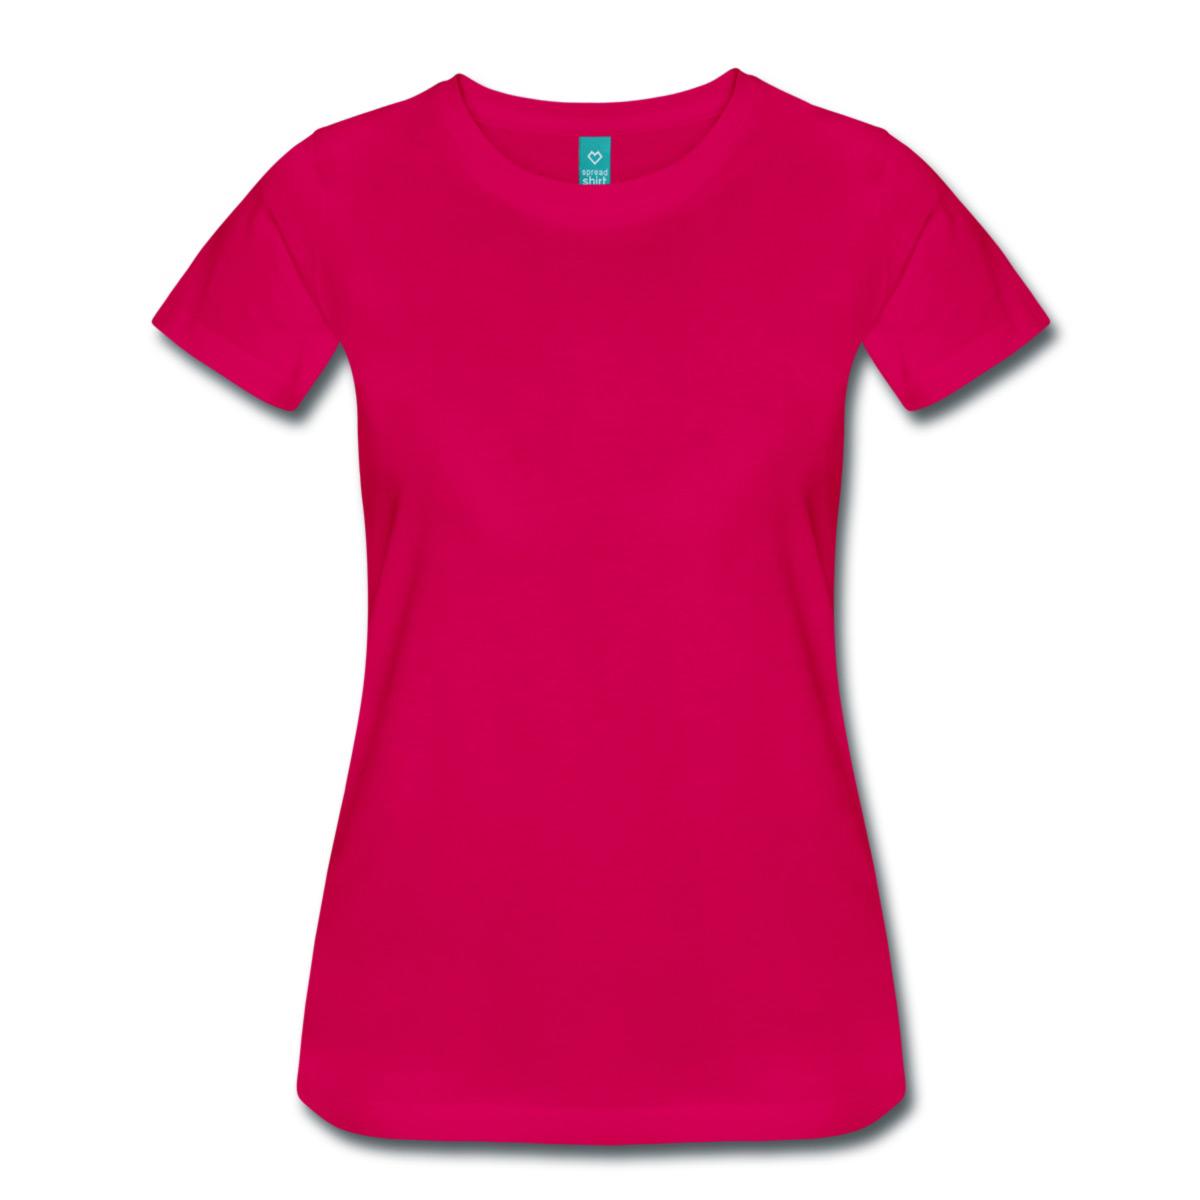 bed230444b1d0b Frauen Premium T-Shirt mit eigener Aufschrift